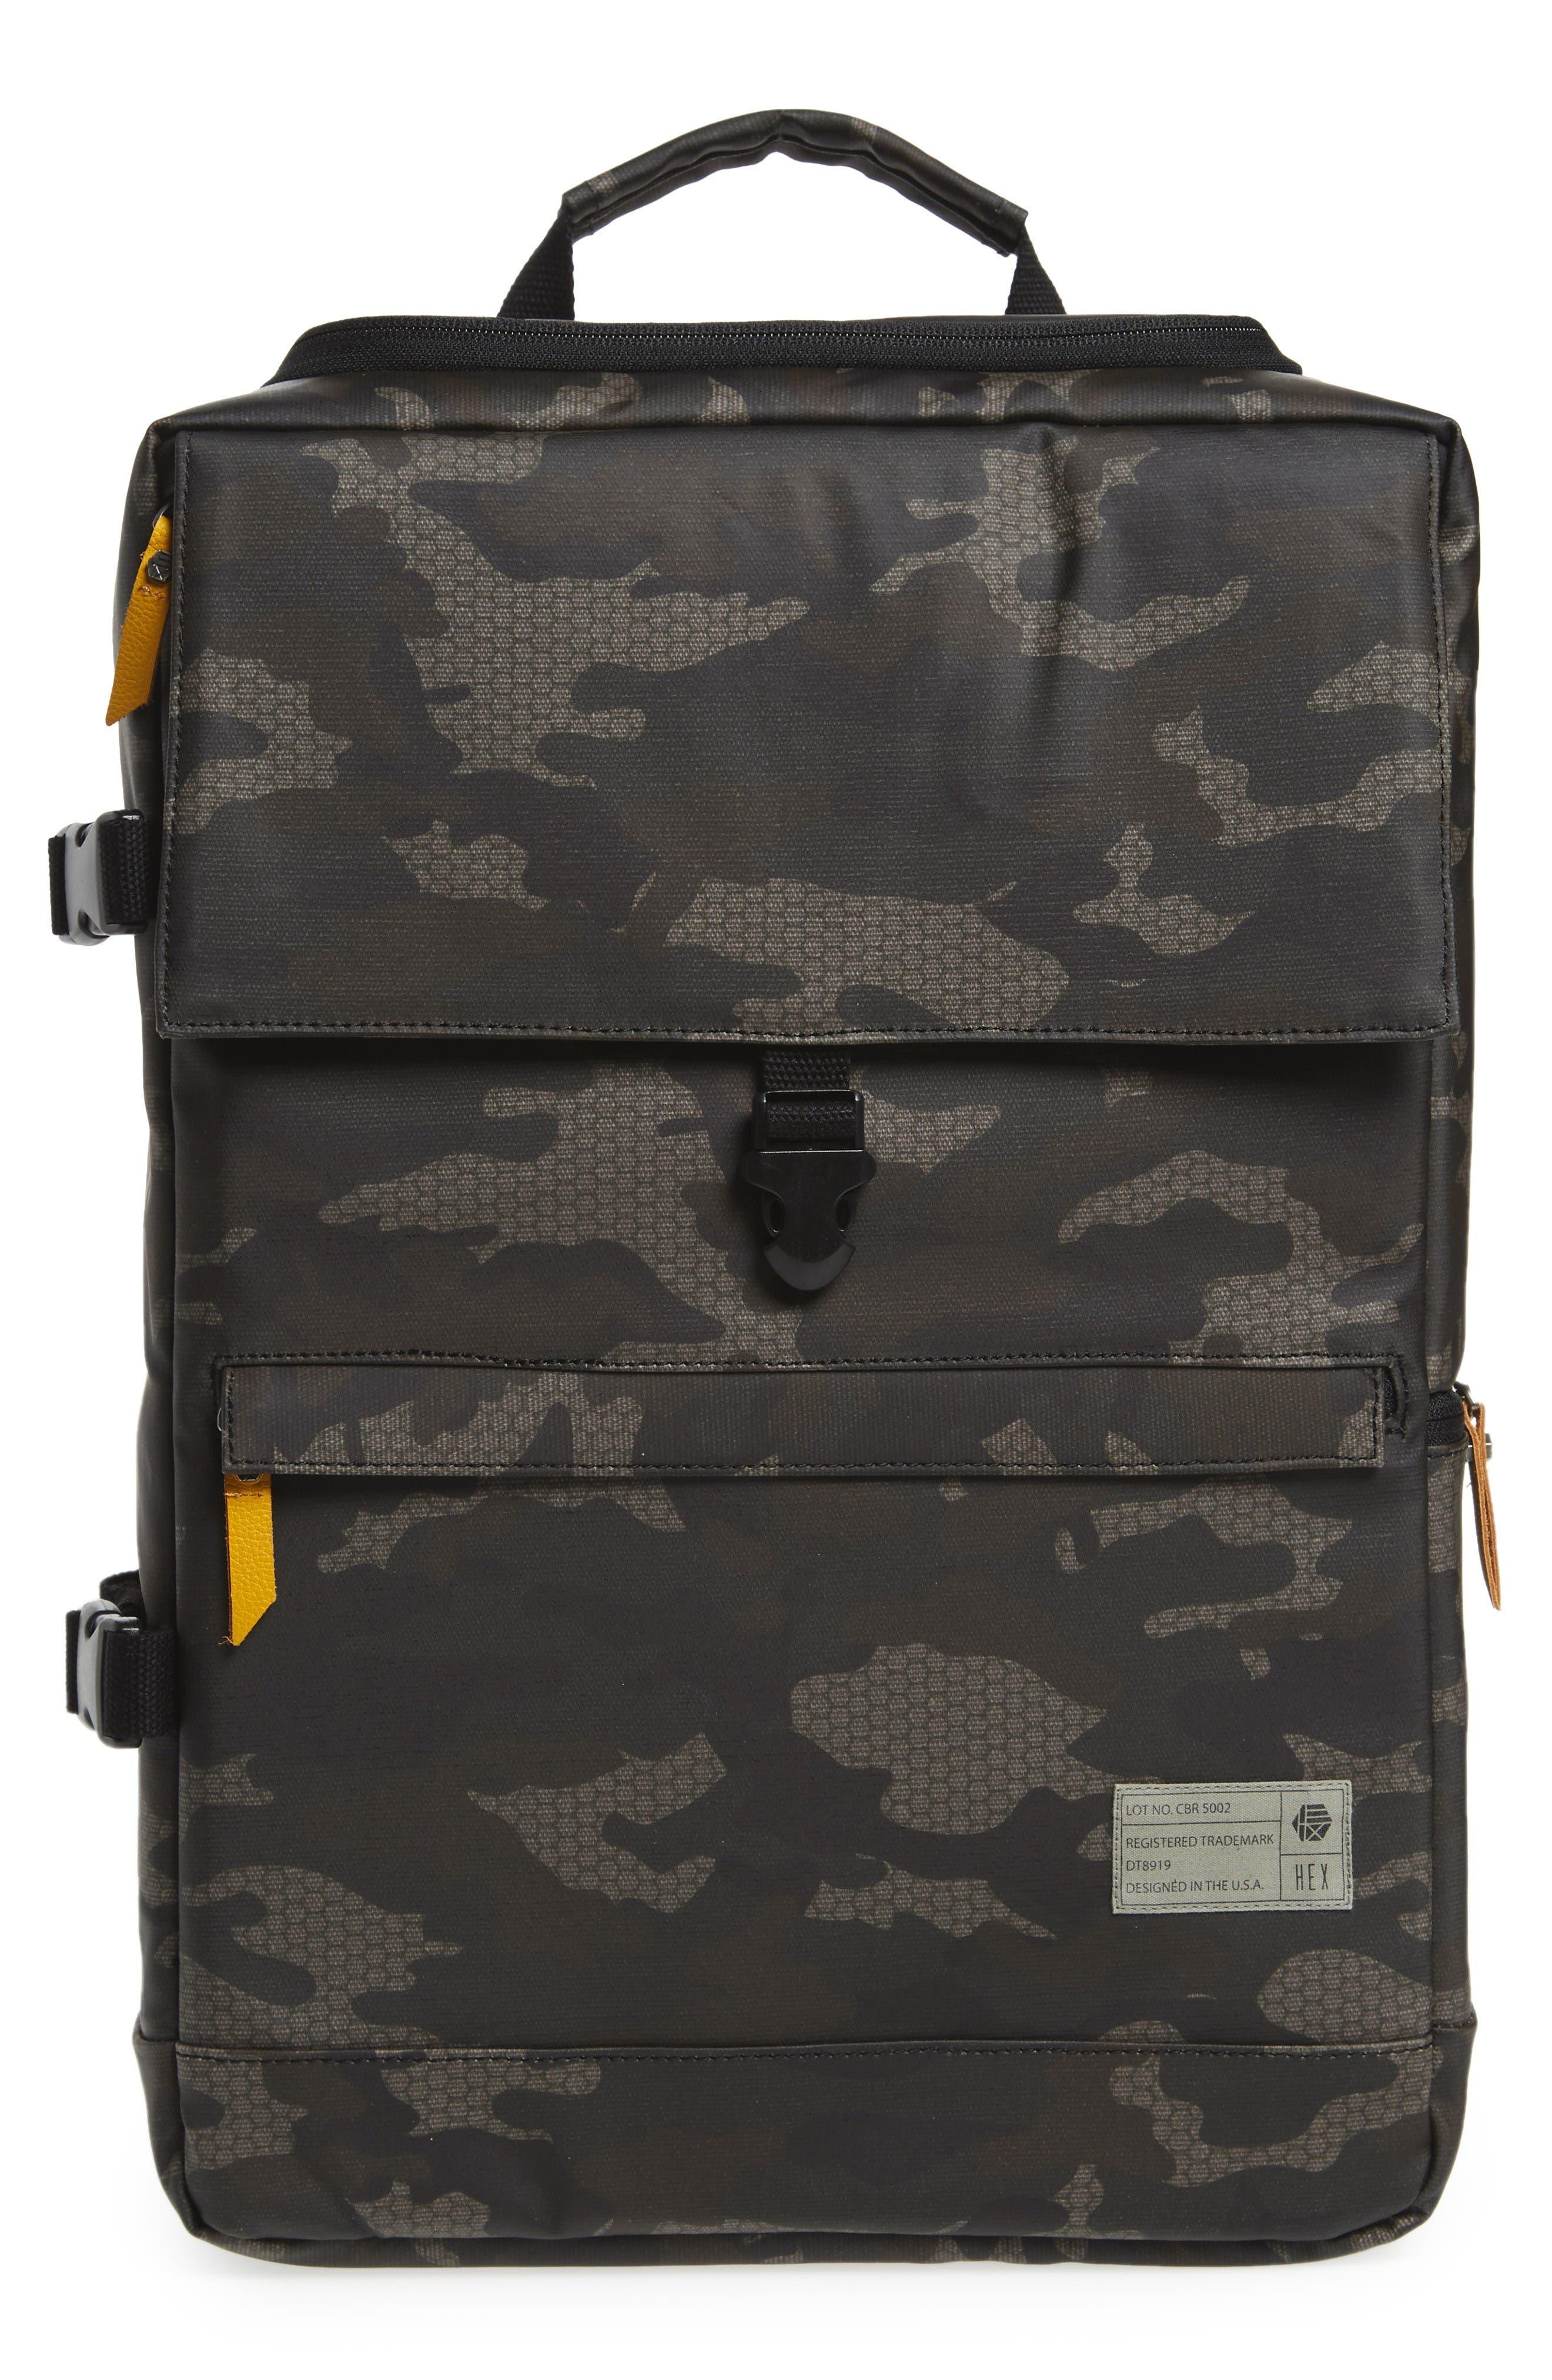 Alternate Image 1 Selected - HEX Camera Bag